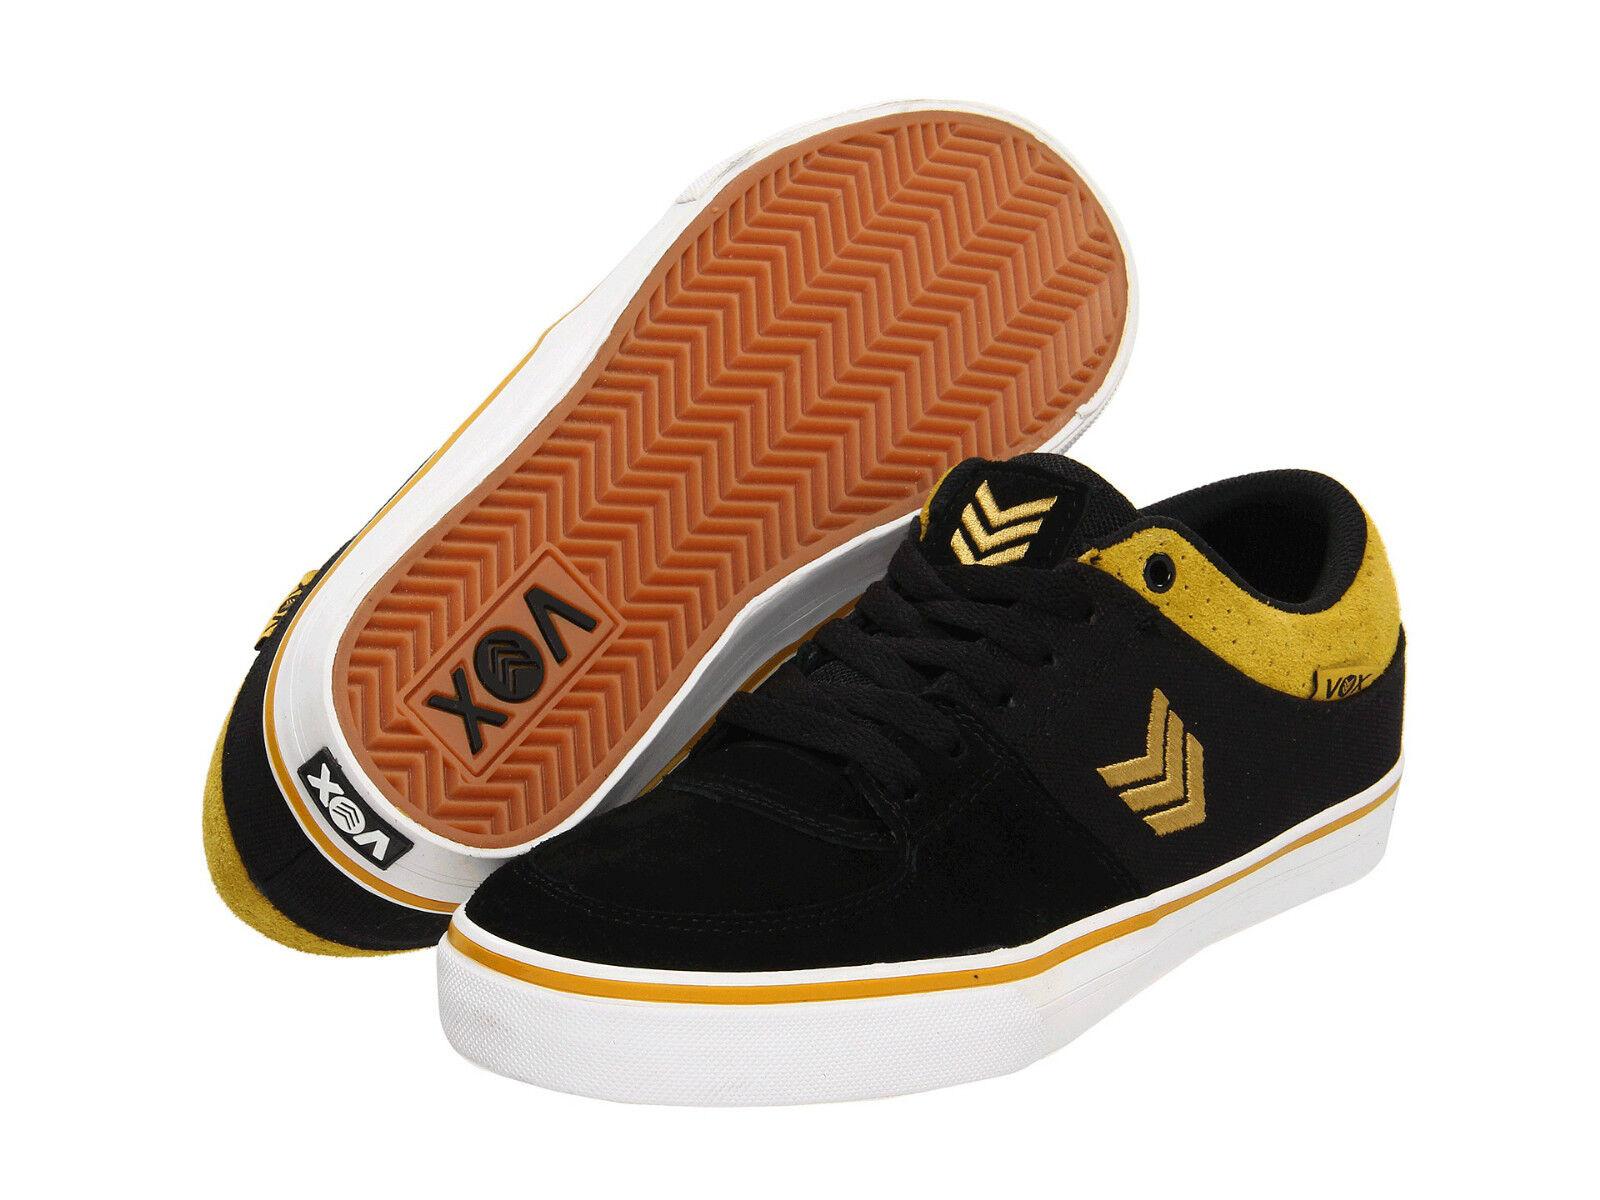 Pennino new vox scarpe calzature passaporto te premio occasionale scarpe vox da ginnastica di camoscio 2d46ee